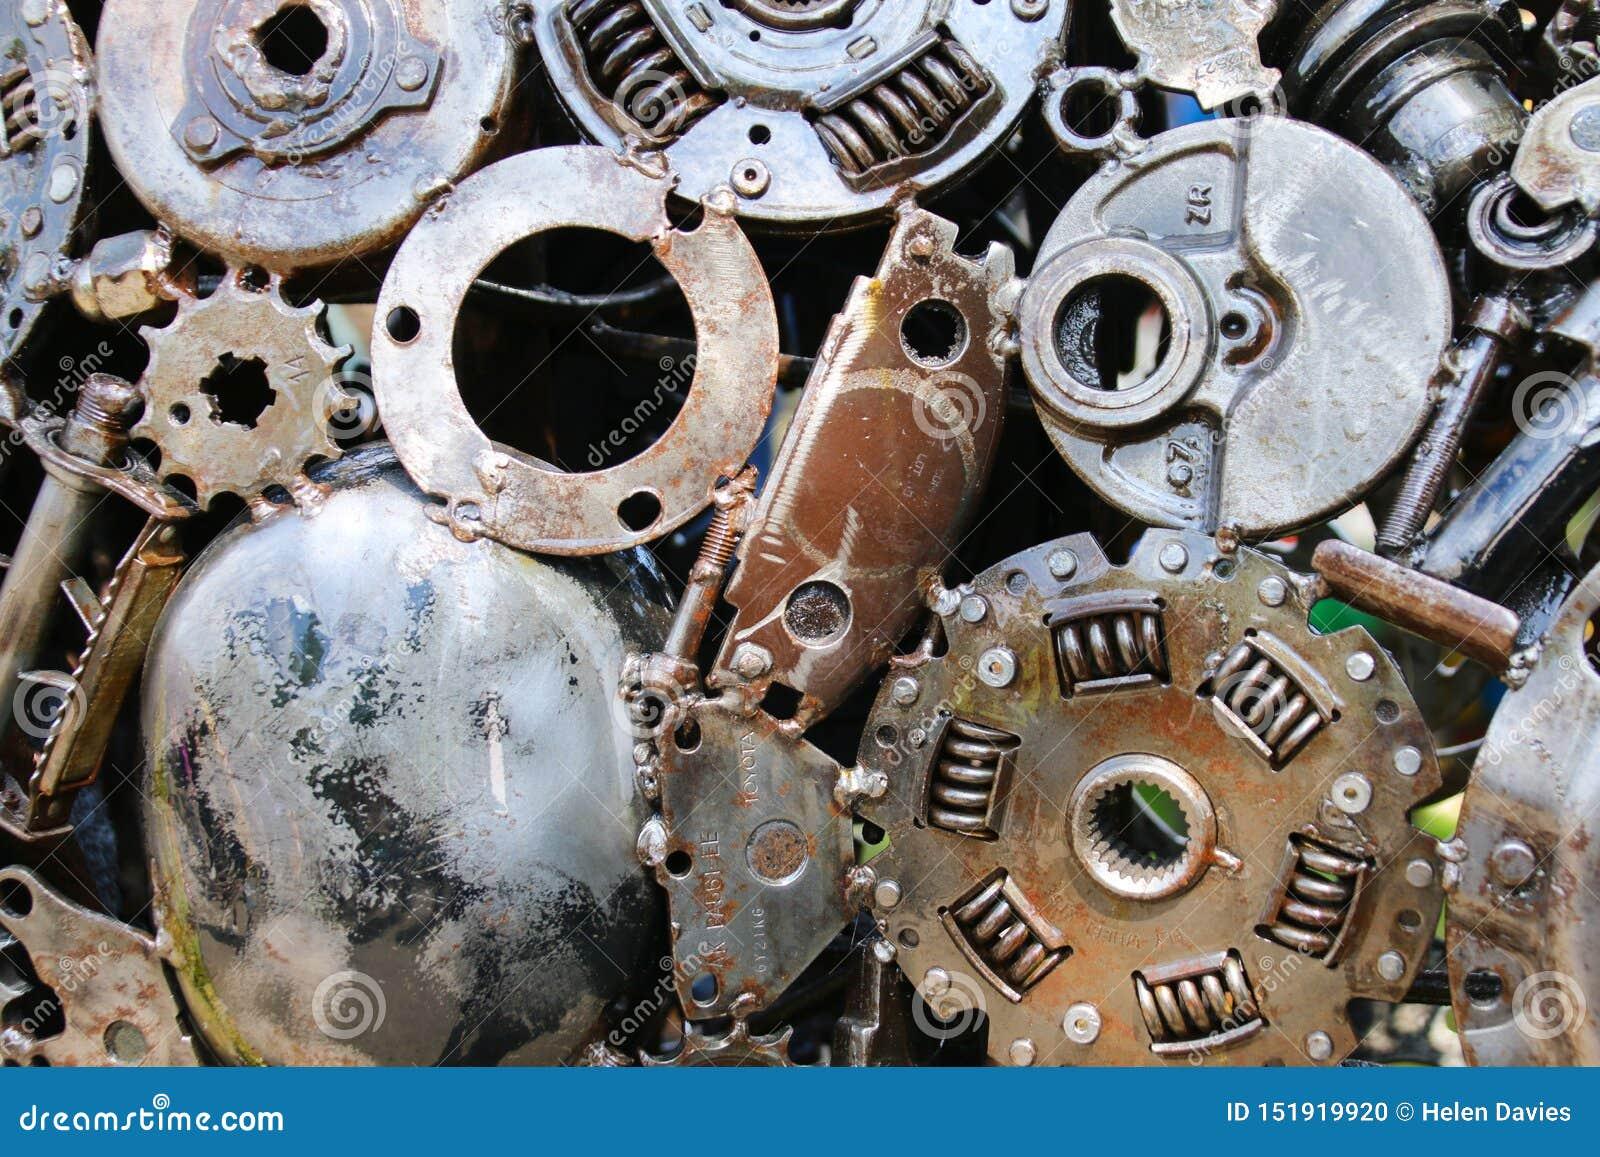 Alte Metallautoteile zusammen geschweißt